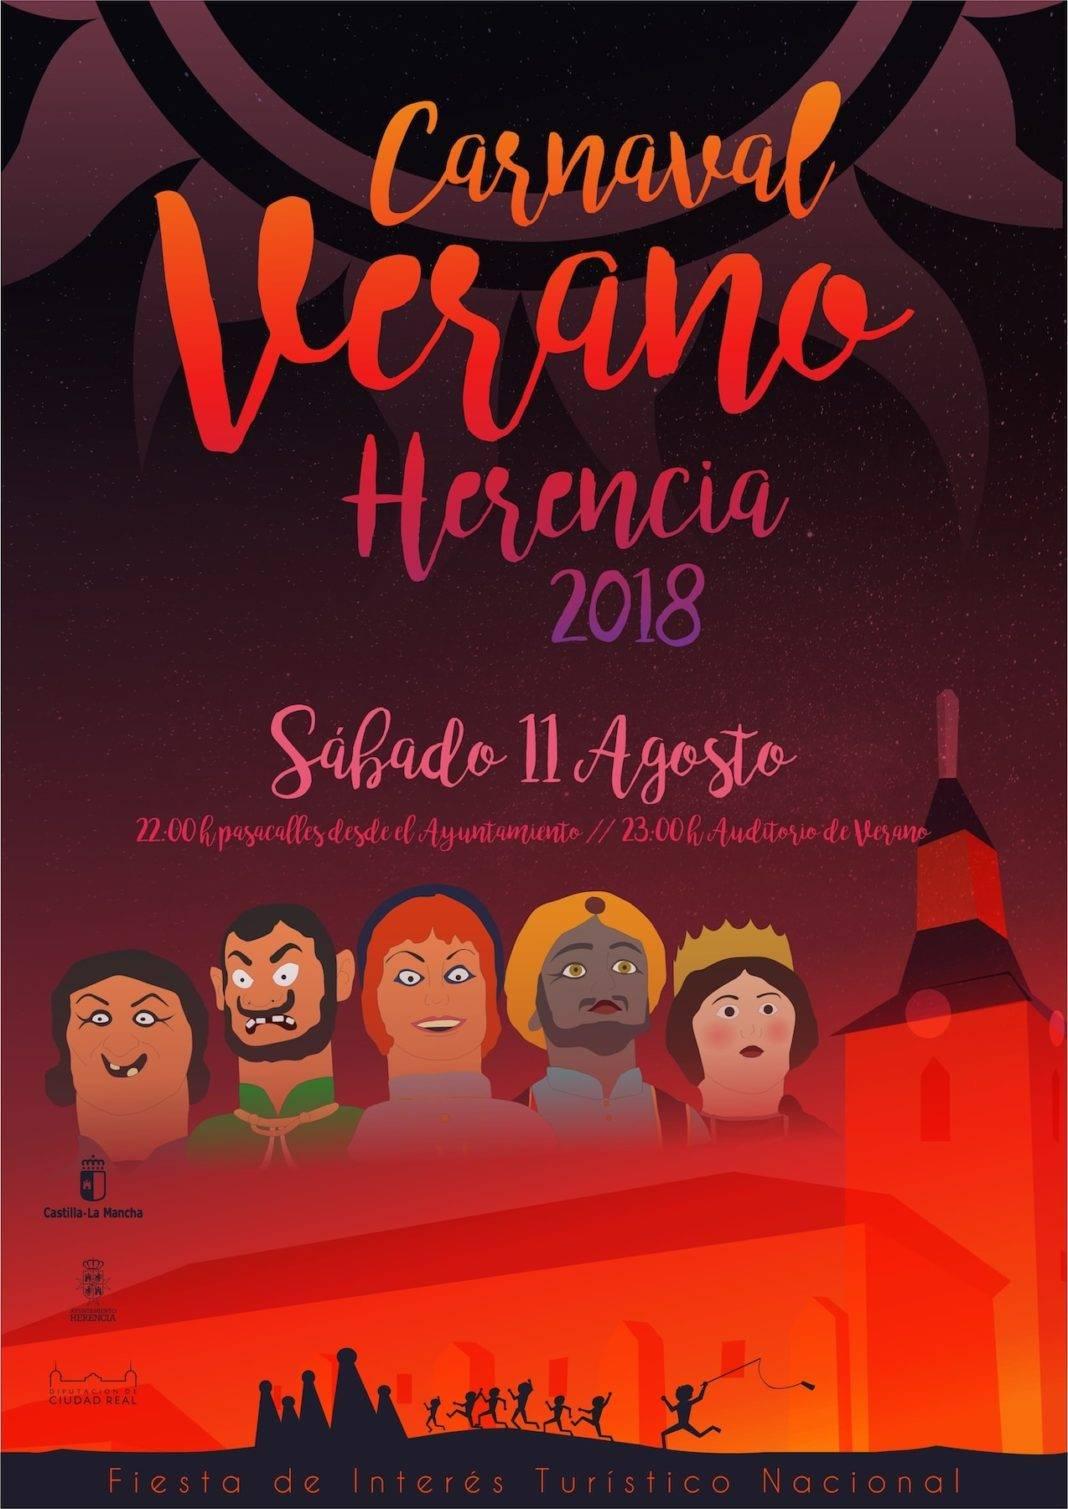 carnaval de verano 2018 herencia ciudad real 1068x1509 - El Carnaval de Verano de Herencia el único en la región